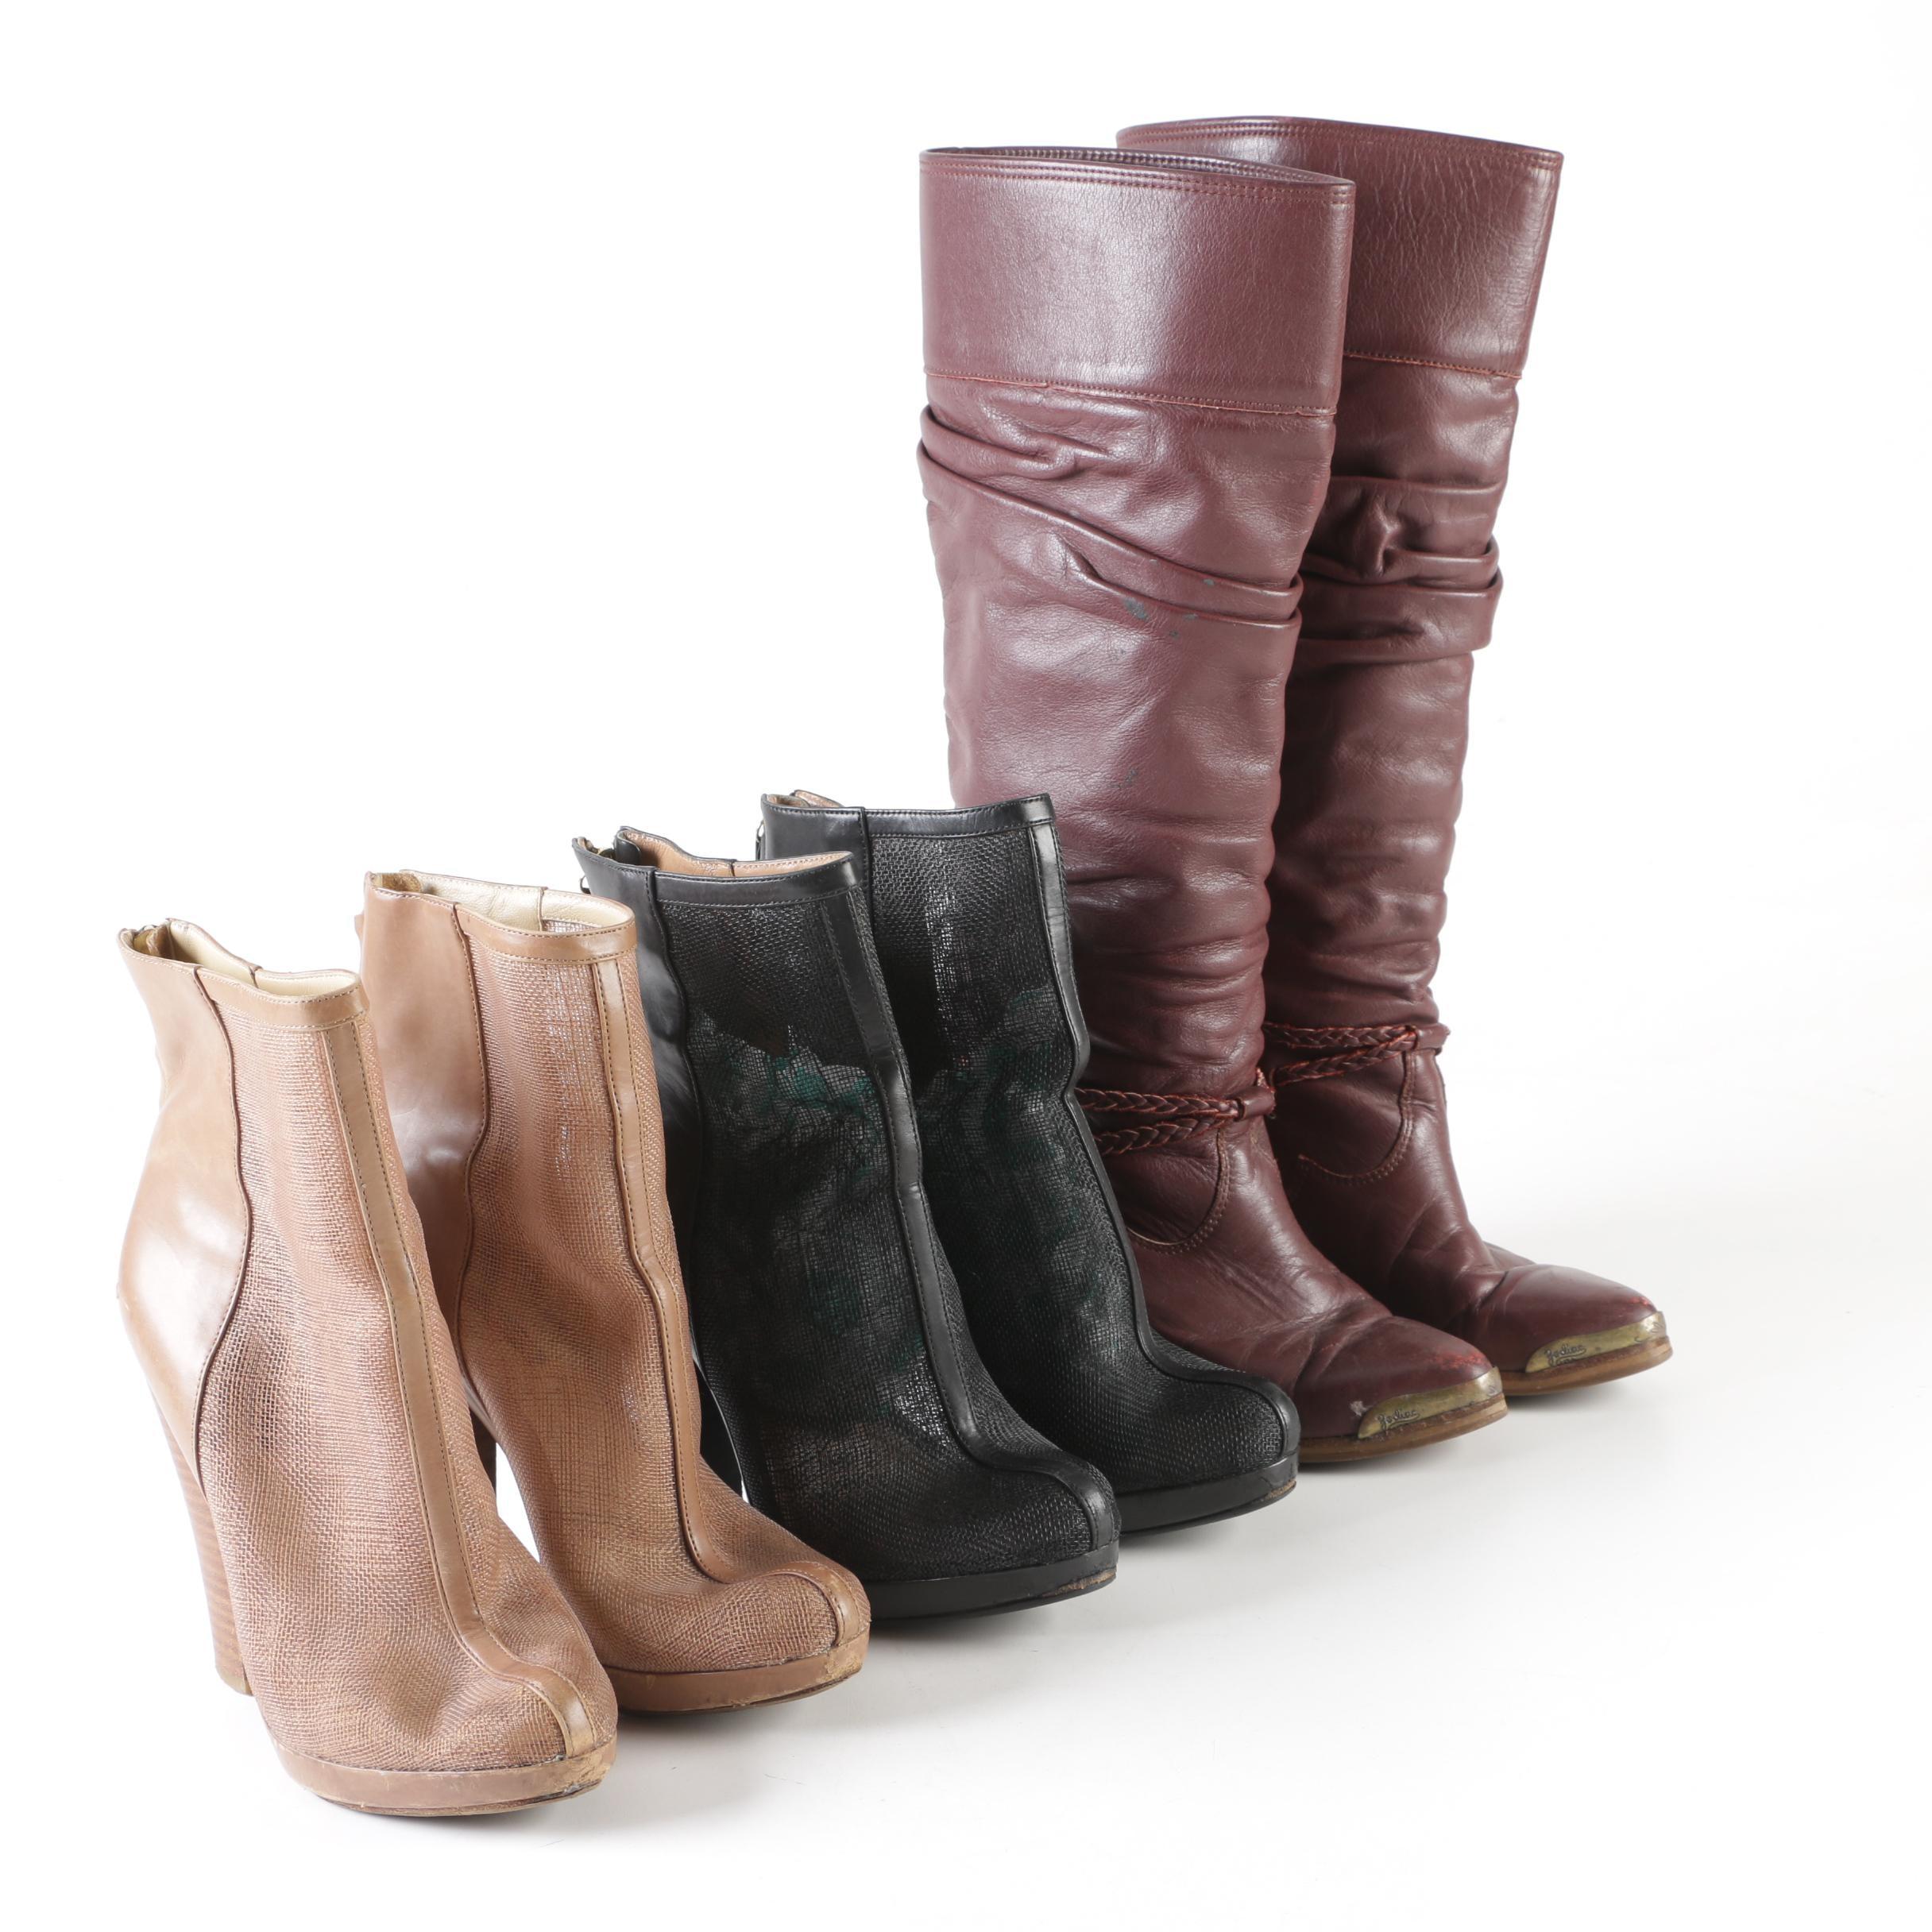 Rachel Zoe Booties and Zodiac Boots